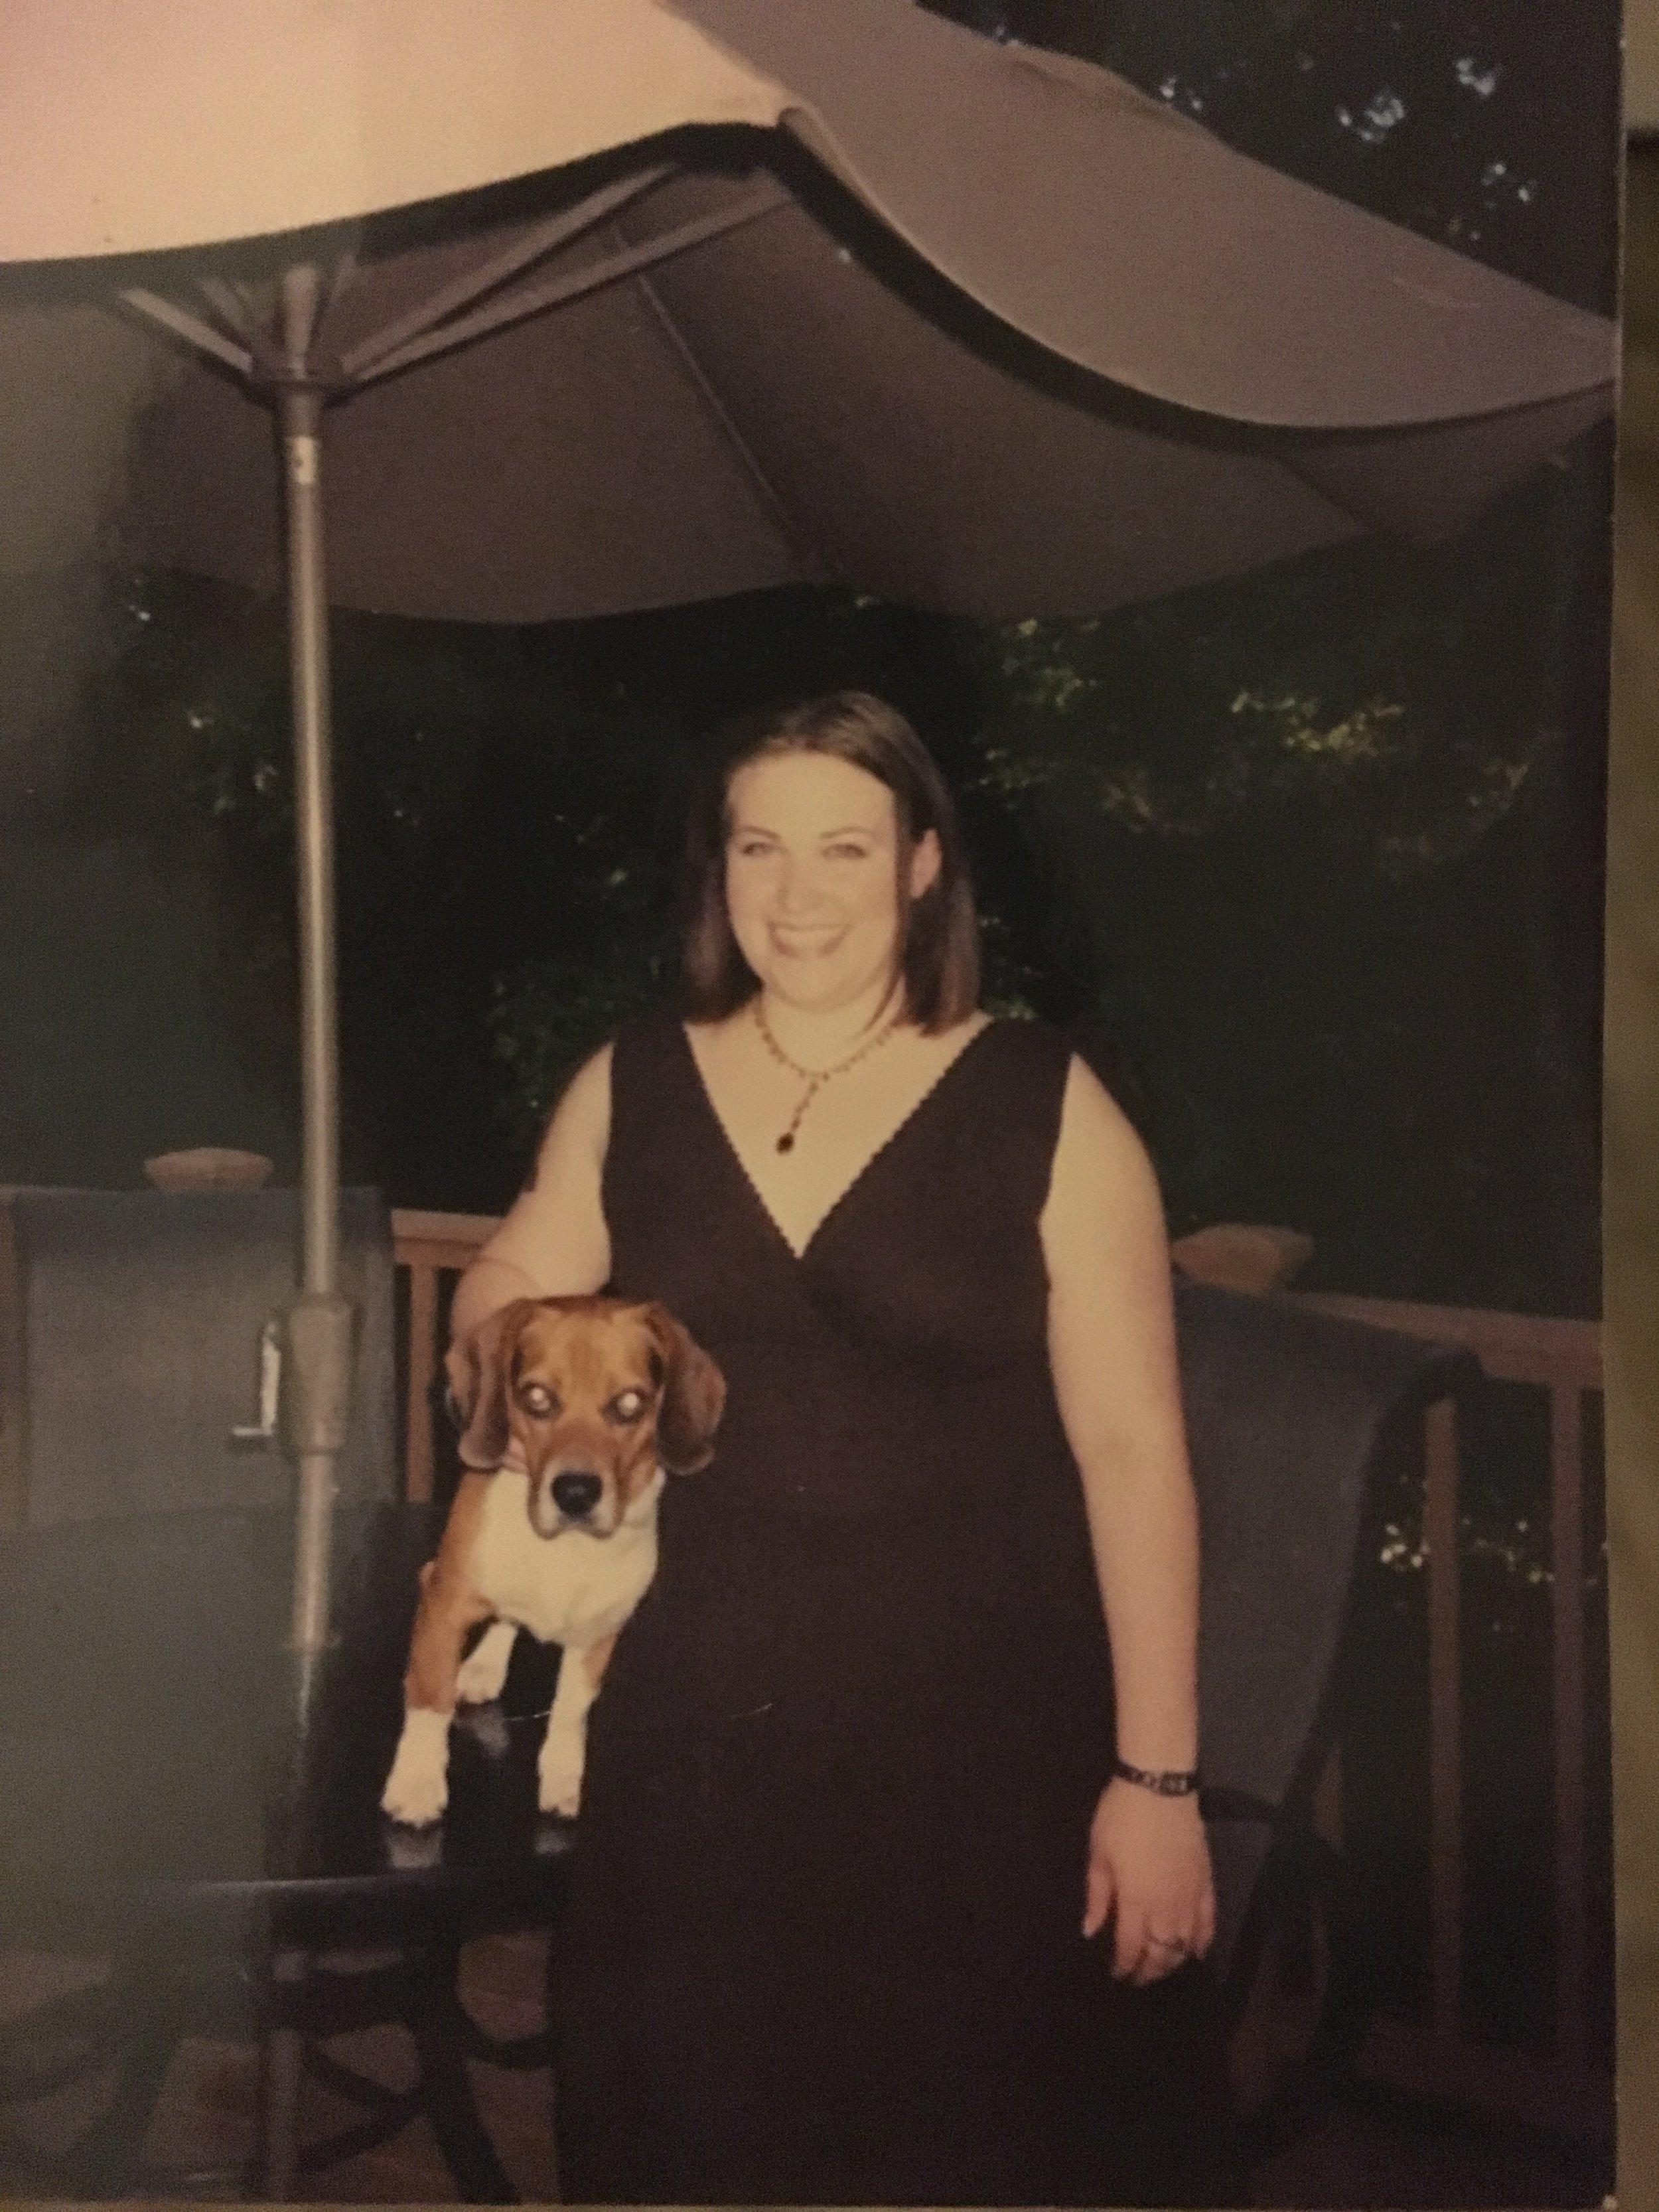 Me, circa 2008 at 205 lbs.